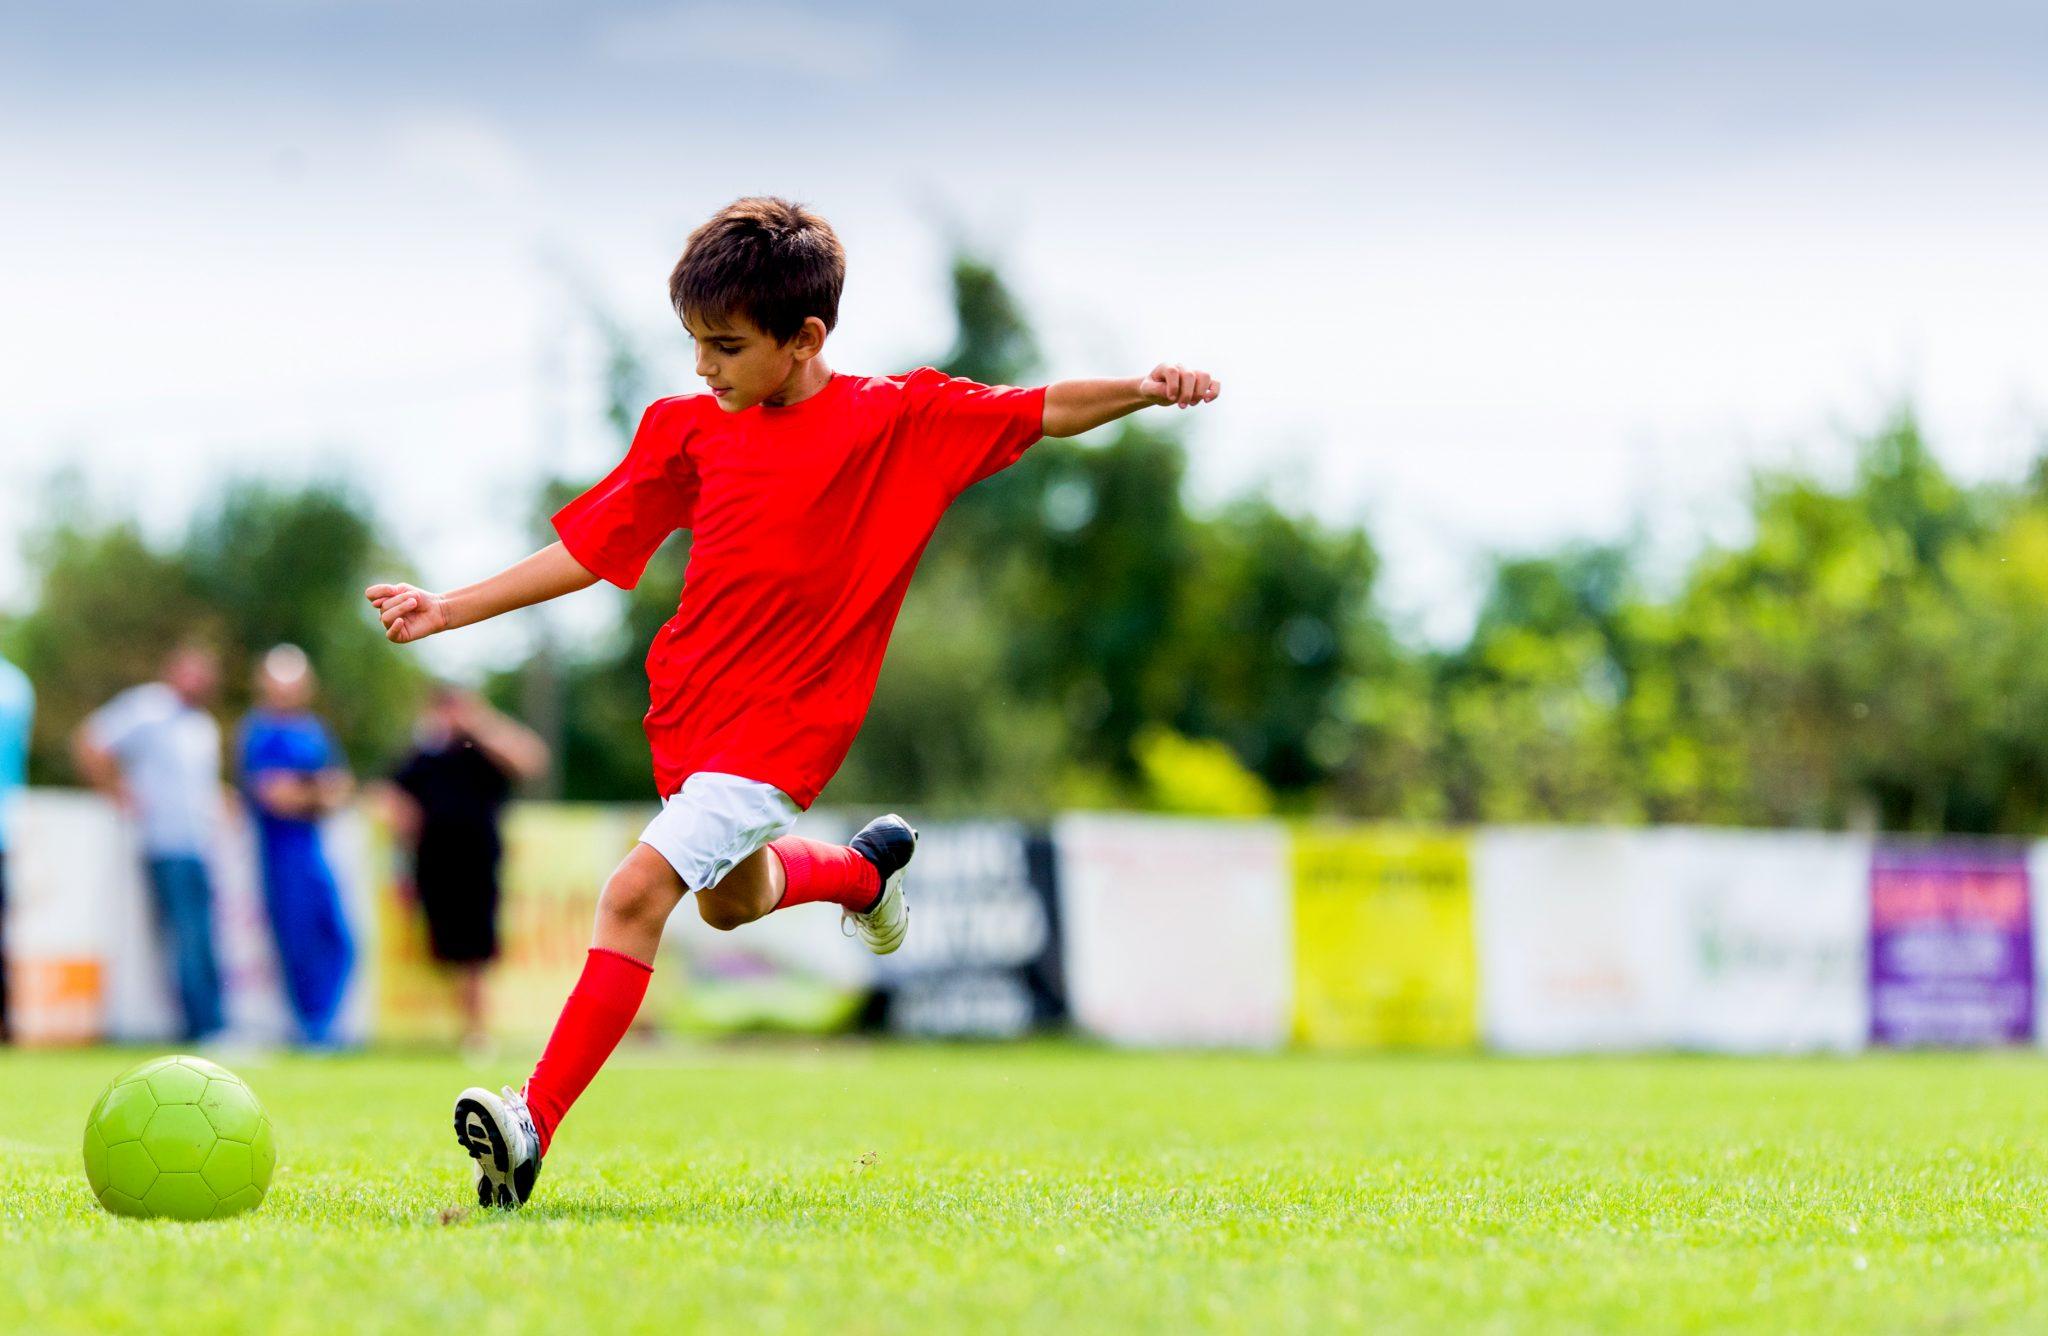 サッカーのシュート練習をしている少年